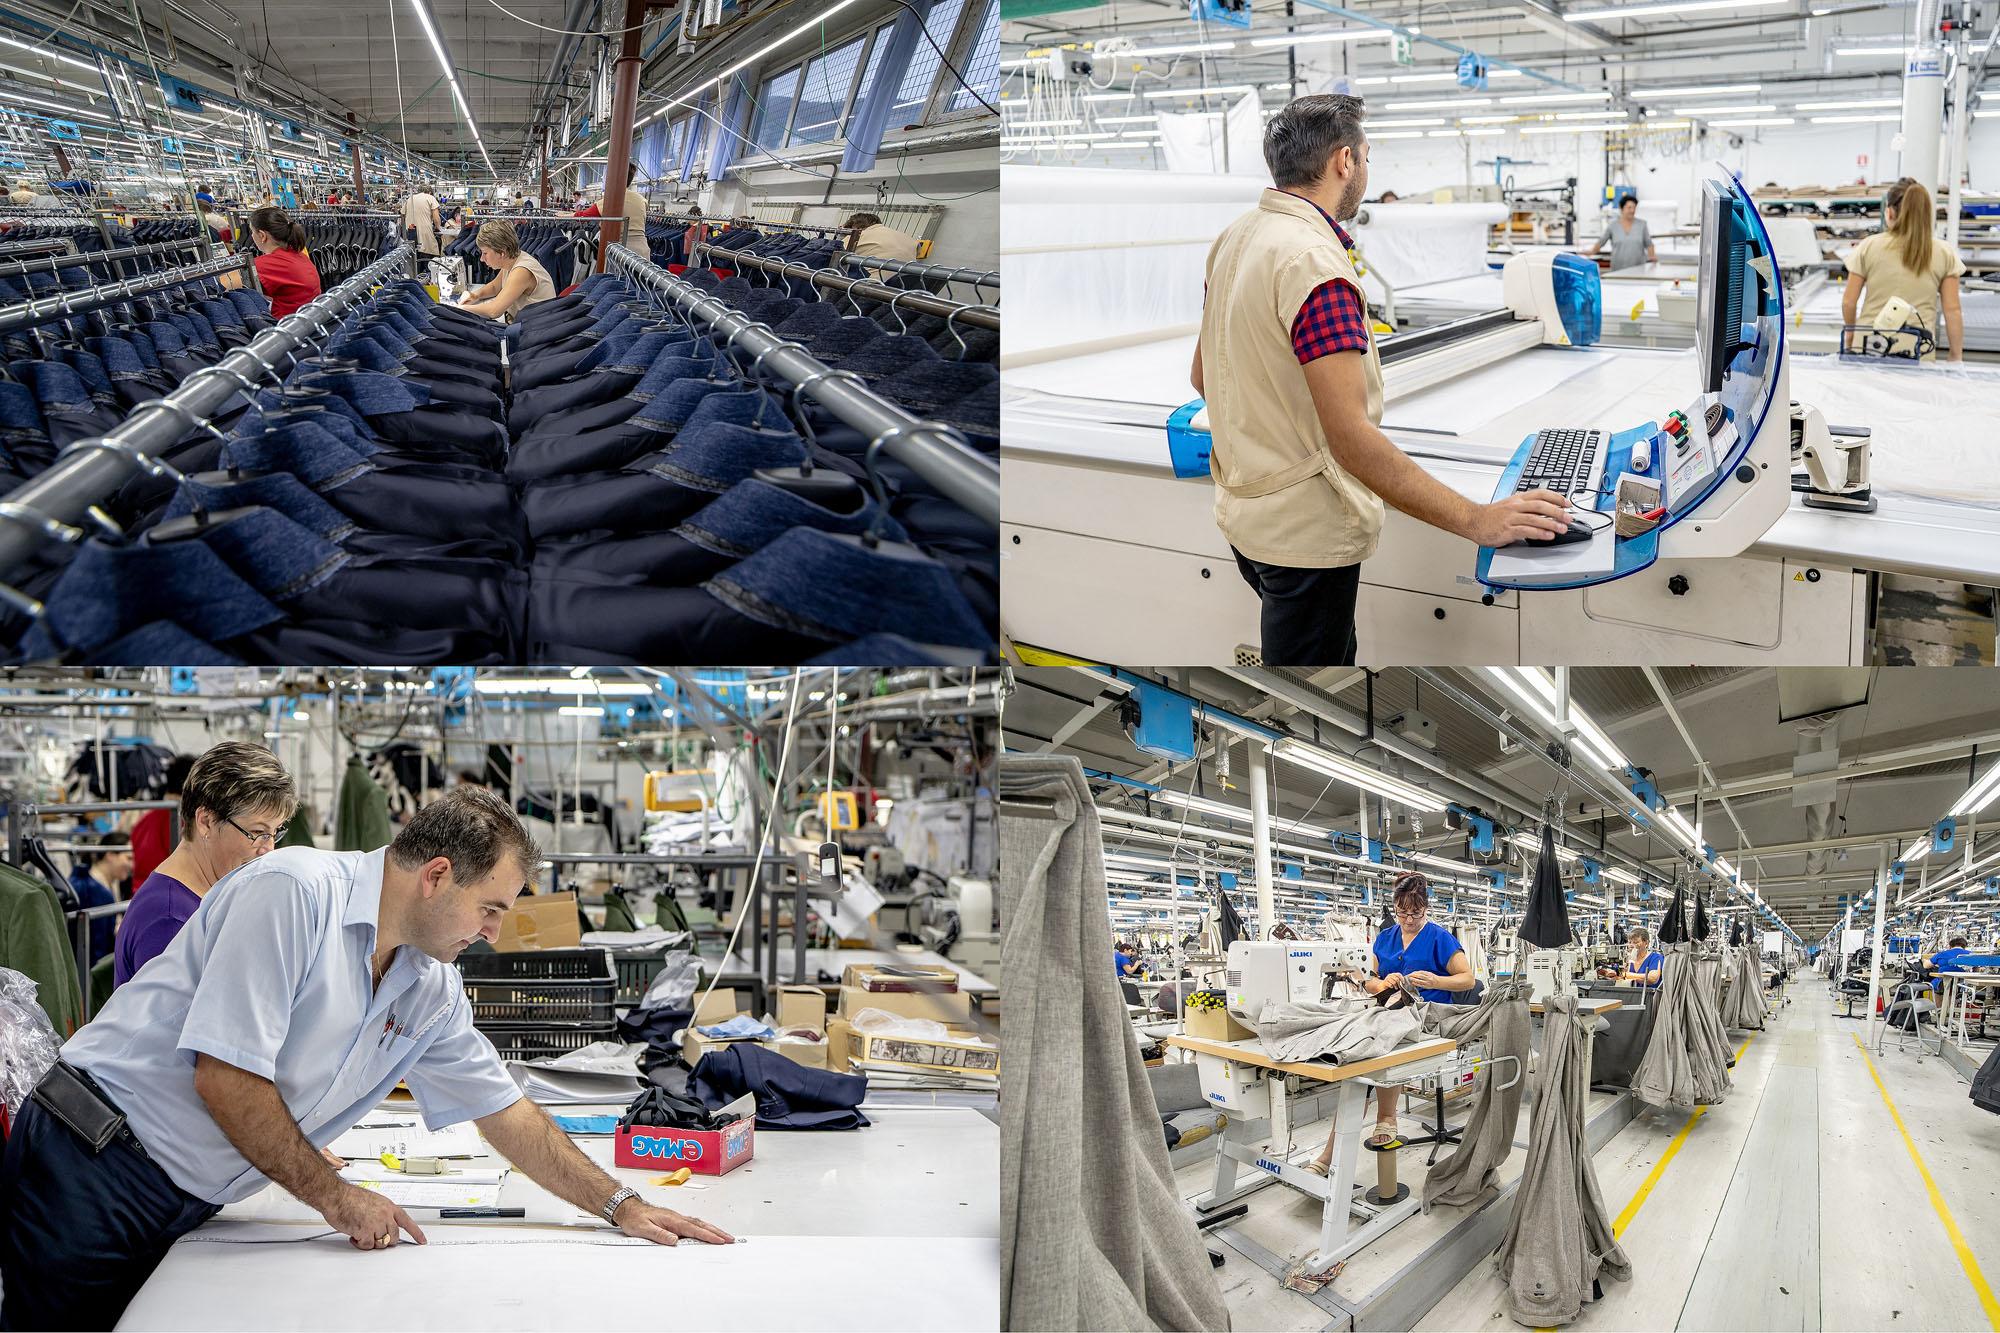 Fotografii industriale, facute cu A7 III